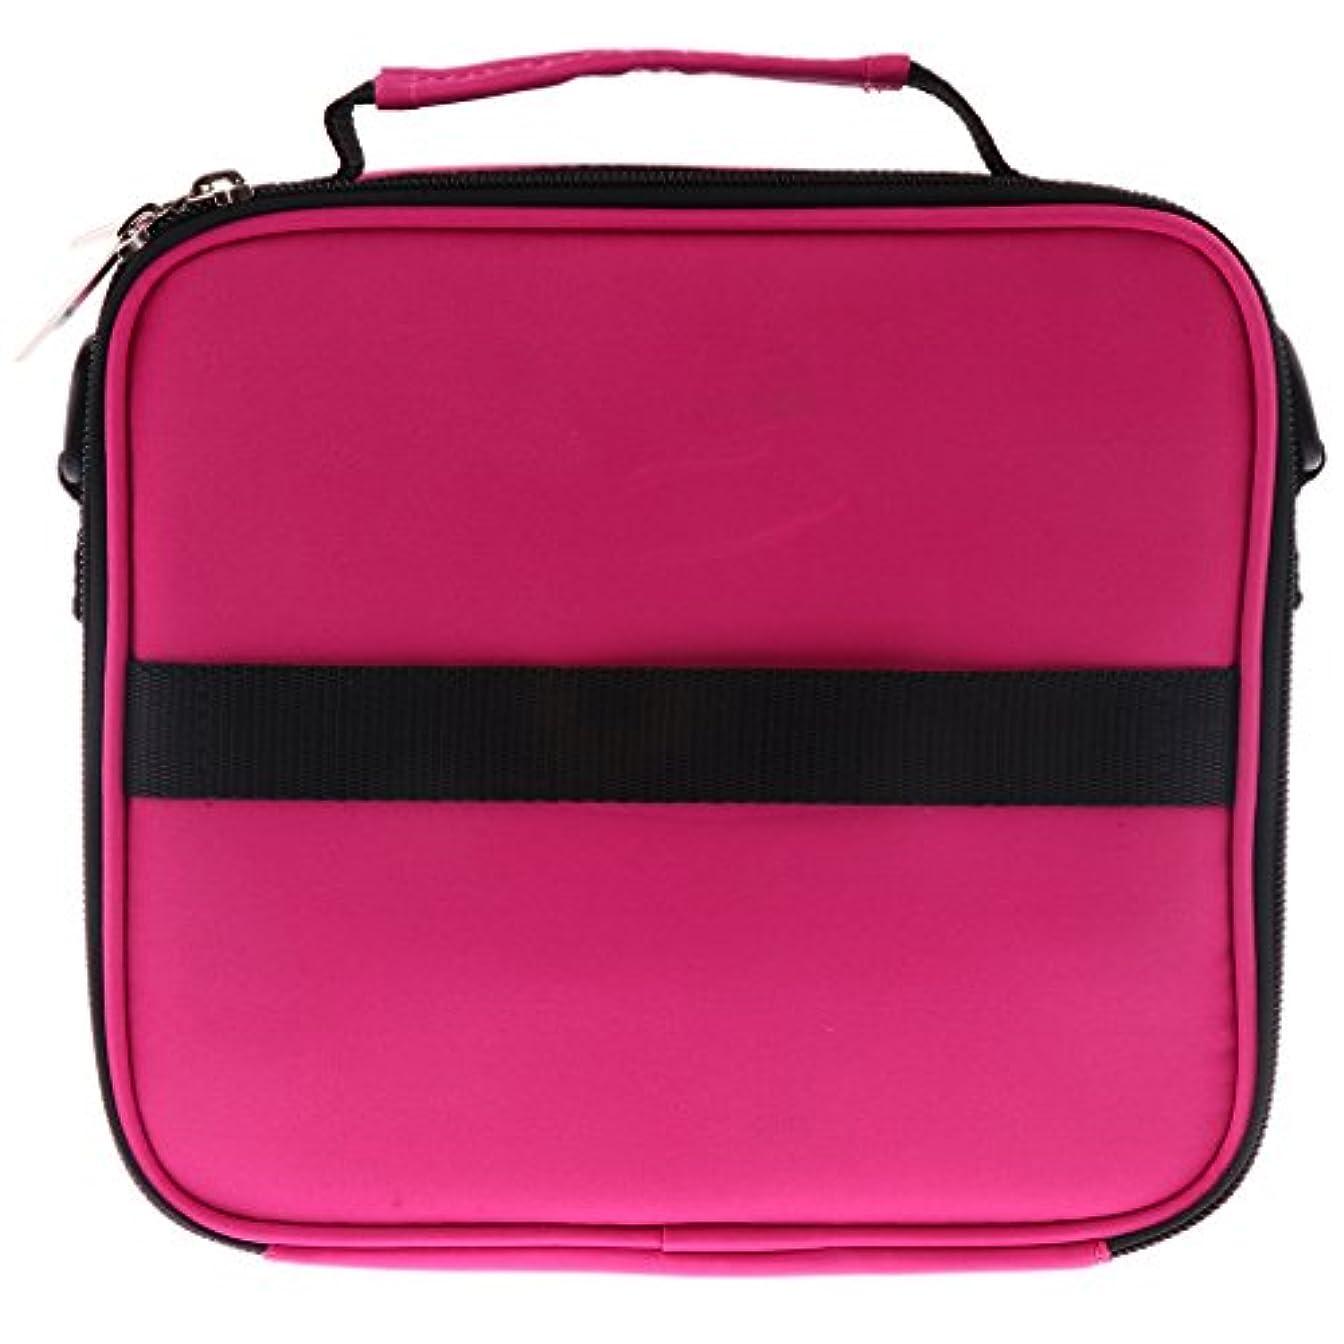 ゲーム海里オート全6色 アロマポーチ エッセンシャルオイル ケース 香水収納バッグ アロマケース 携帯用 30本用 - ローズレッド